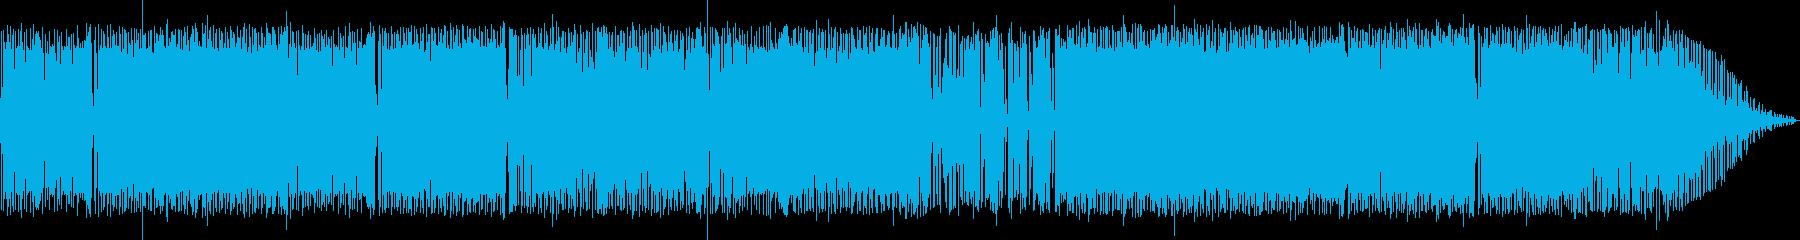 渋いエレキがかっこいいアダルトなロックの再生済みの波形